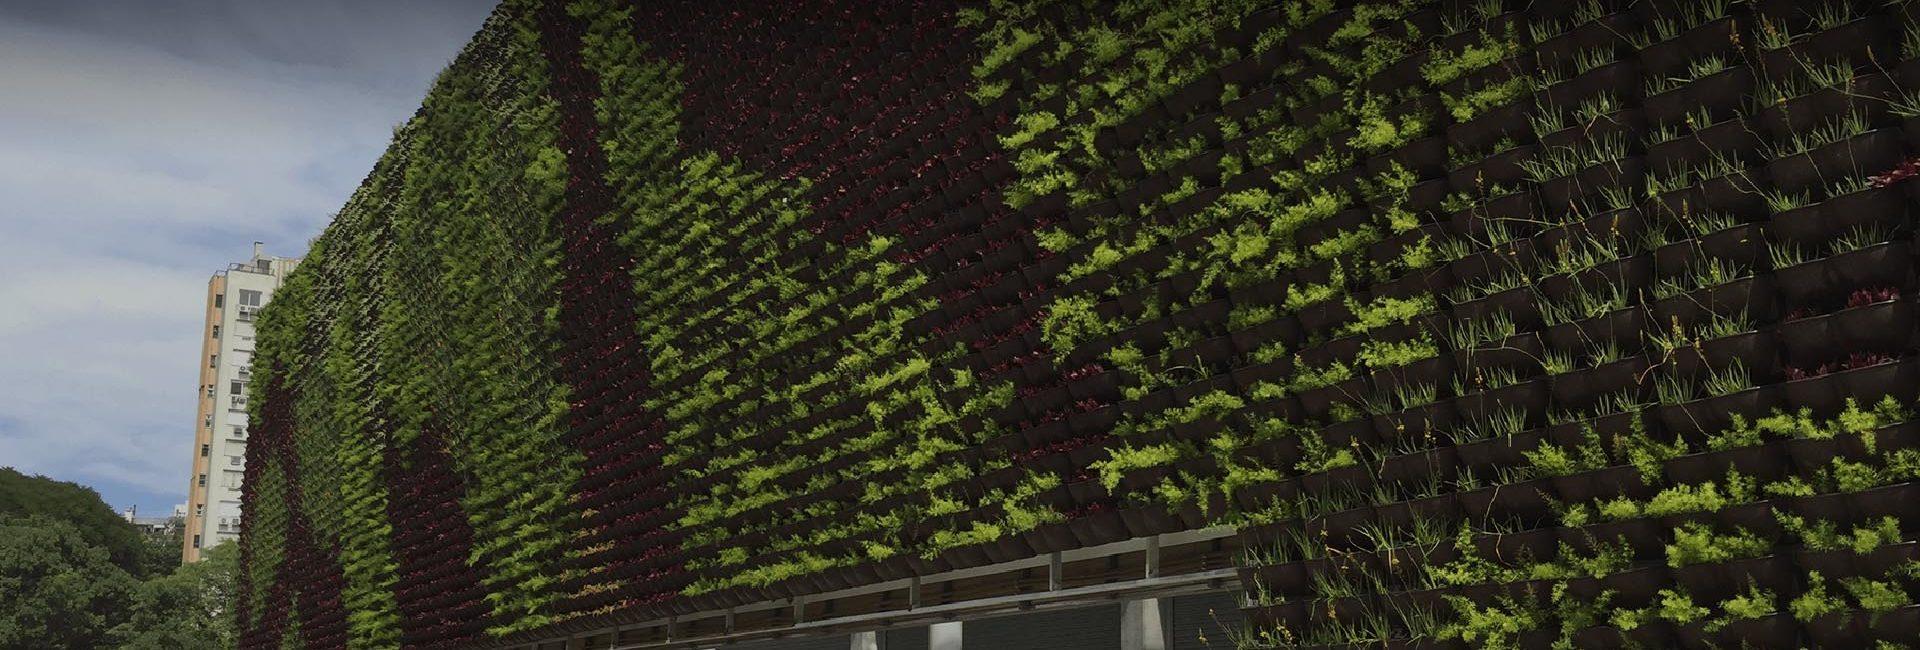 solucoes e projetos para arquitetura sustentavel e bioconstrucao